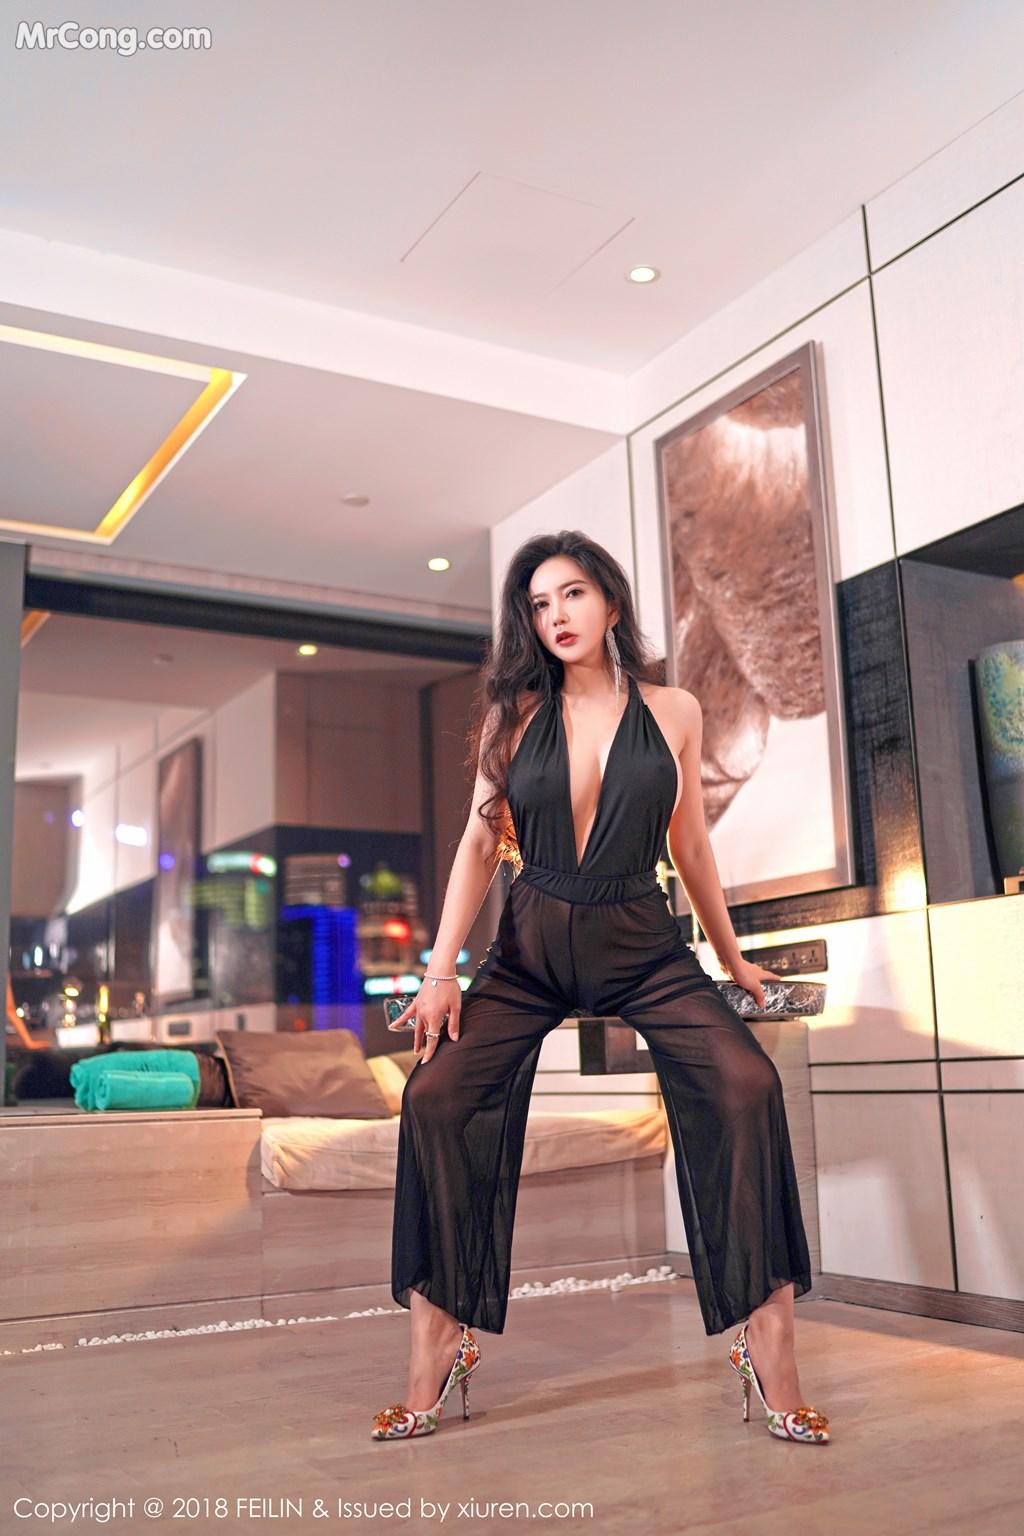 Image FEILIN-Vol.130-Xin-Yan-Gong-Zhu-MrCong.com-003 in post FEILIN Vol.130: Người mẫu Xin Yan Gong Zhu (心妍公主) (39 ảnh)